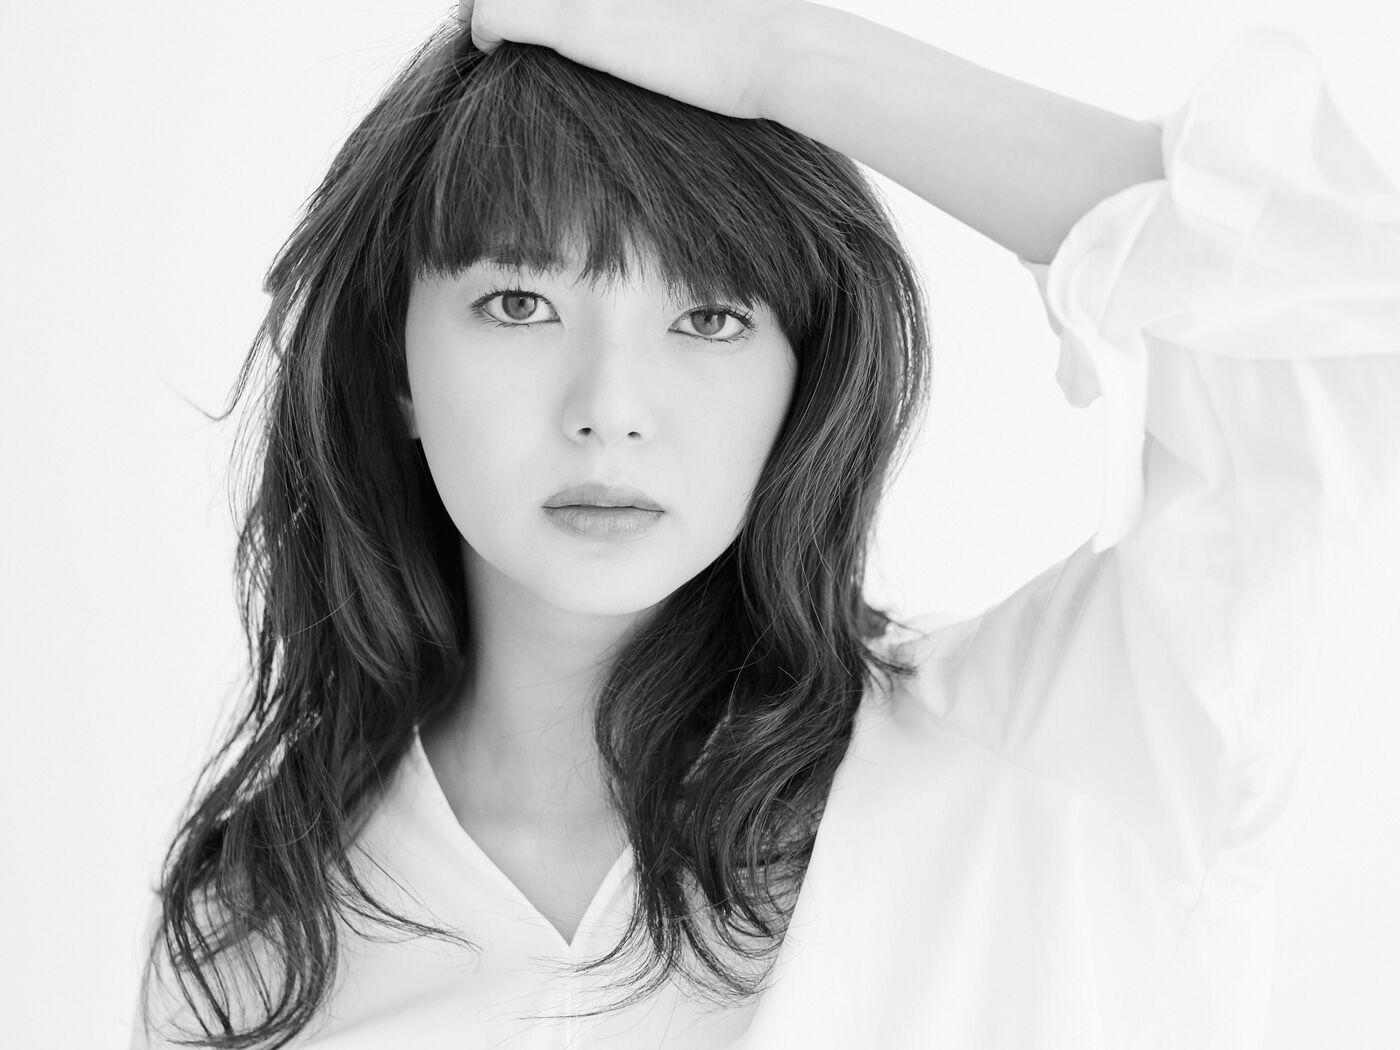 ʟᴀʟᴀɪɴᴇ On Twitter It Was Reported That Tabe Mikako 30